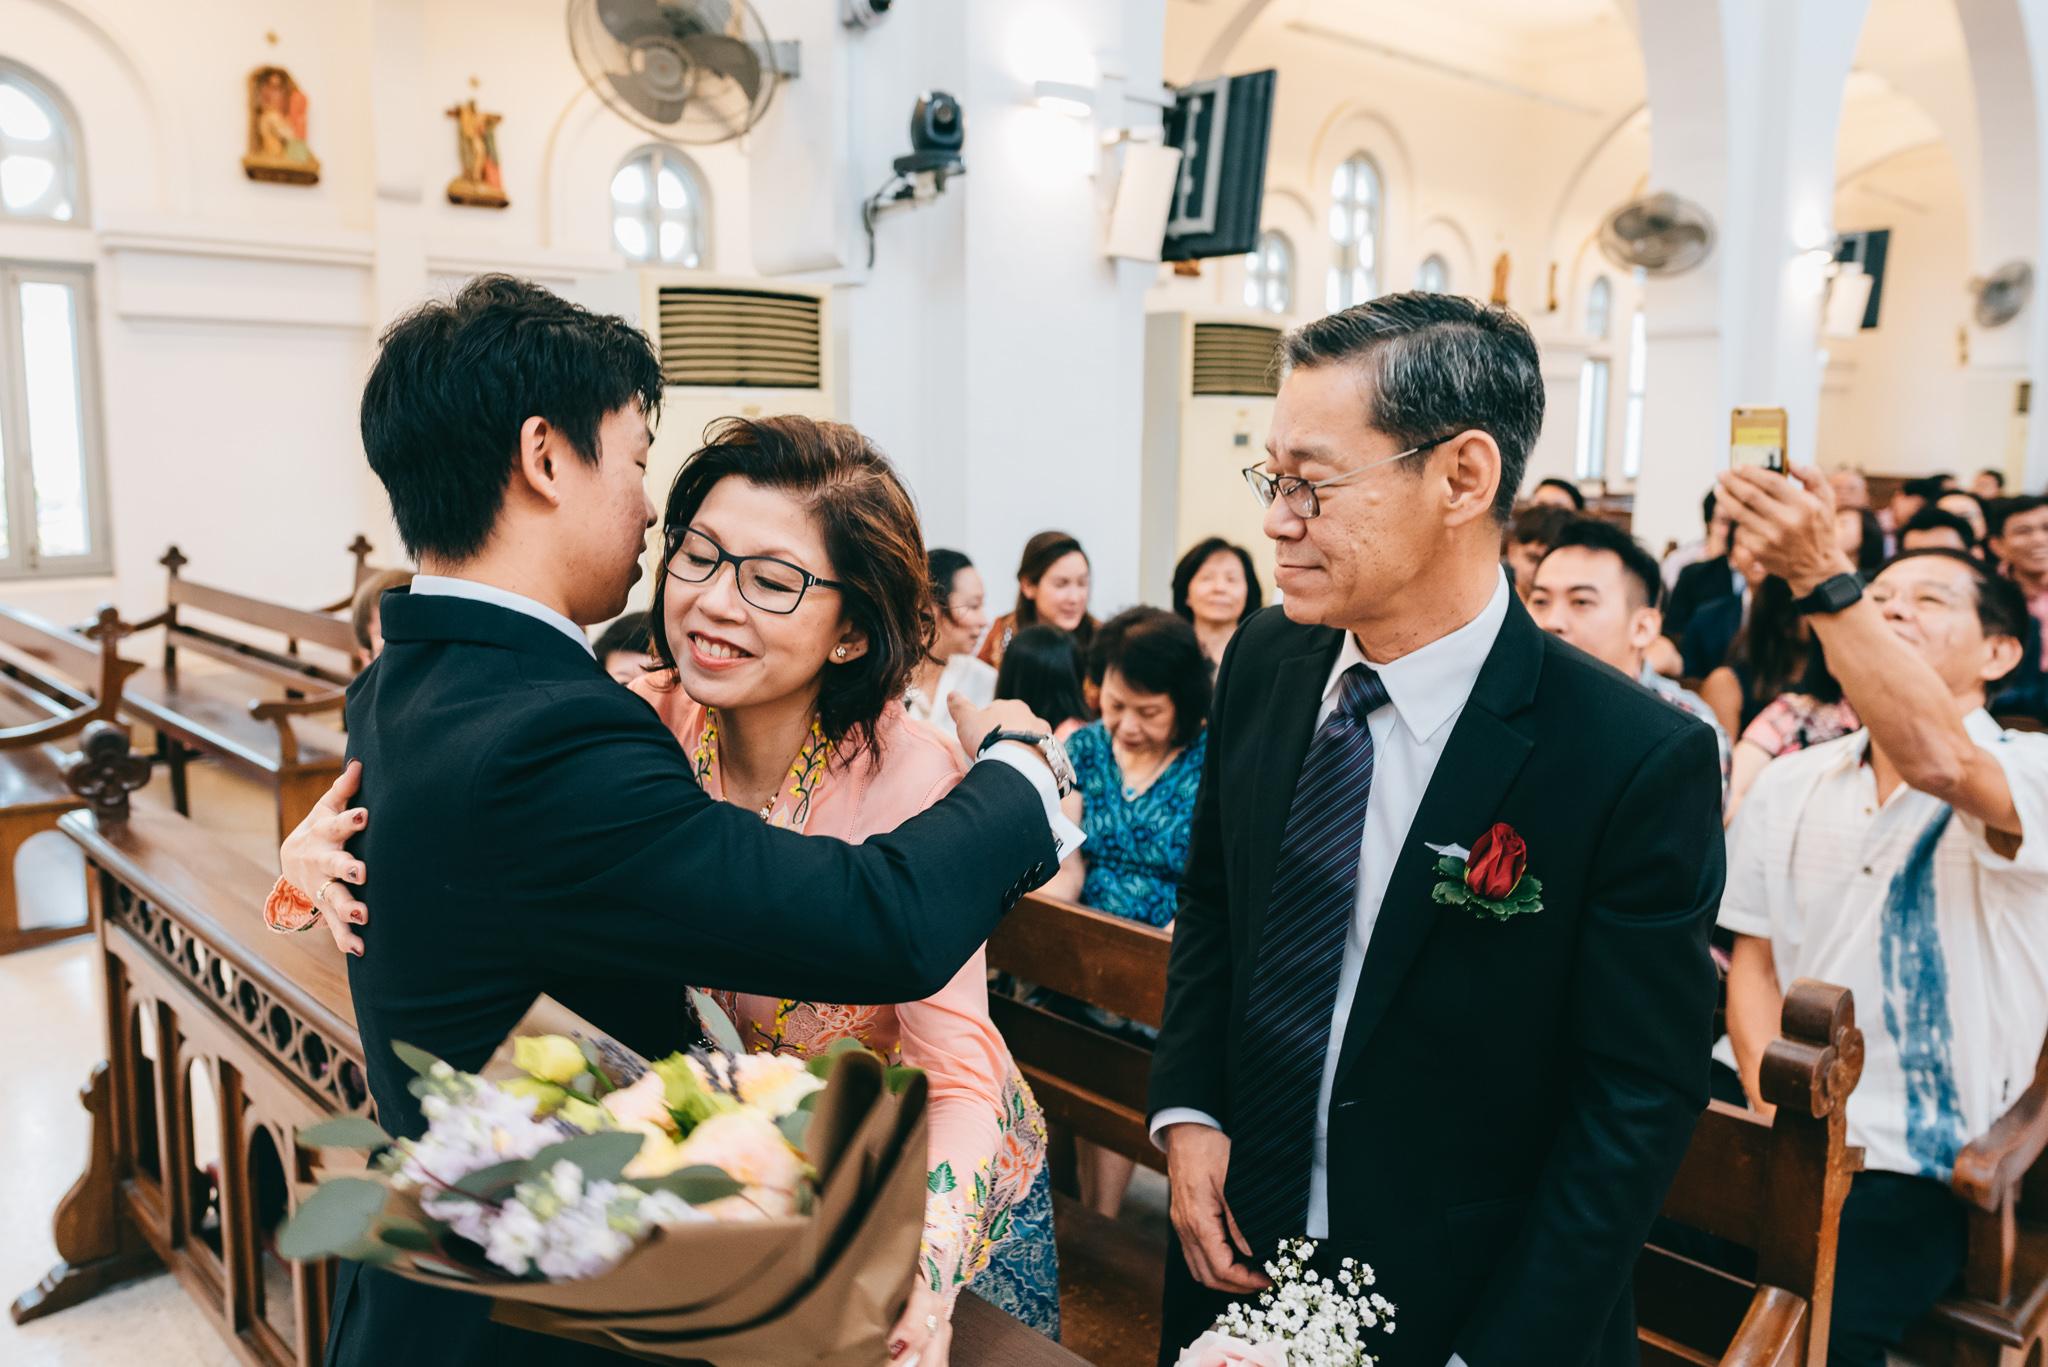 Lionel & Karen Wedding Day Highlights (resized for sharing) - 101.jpg